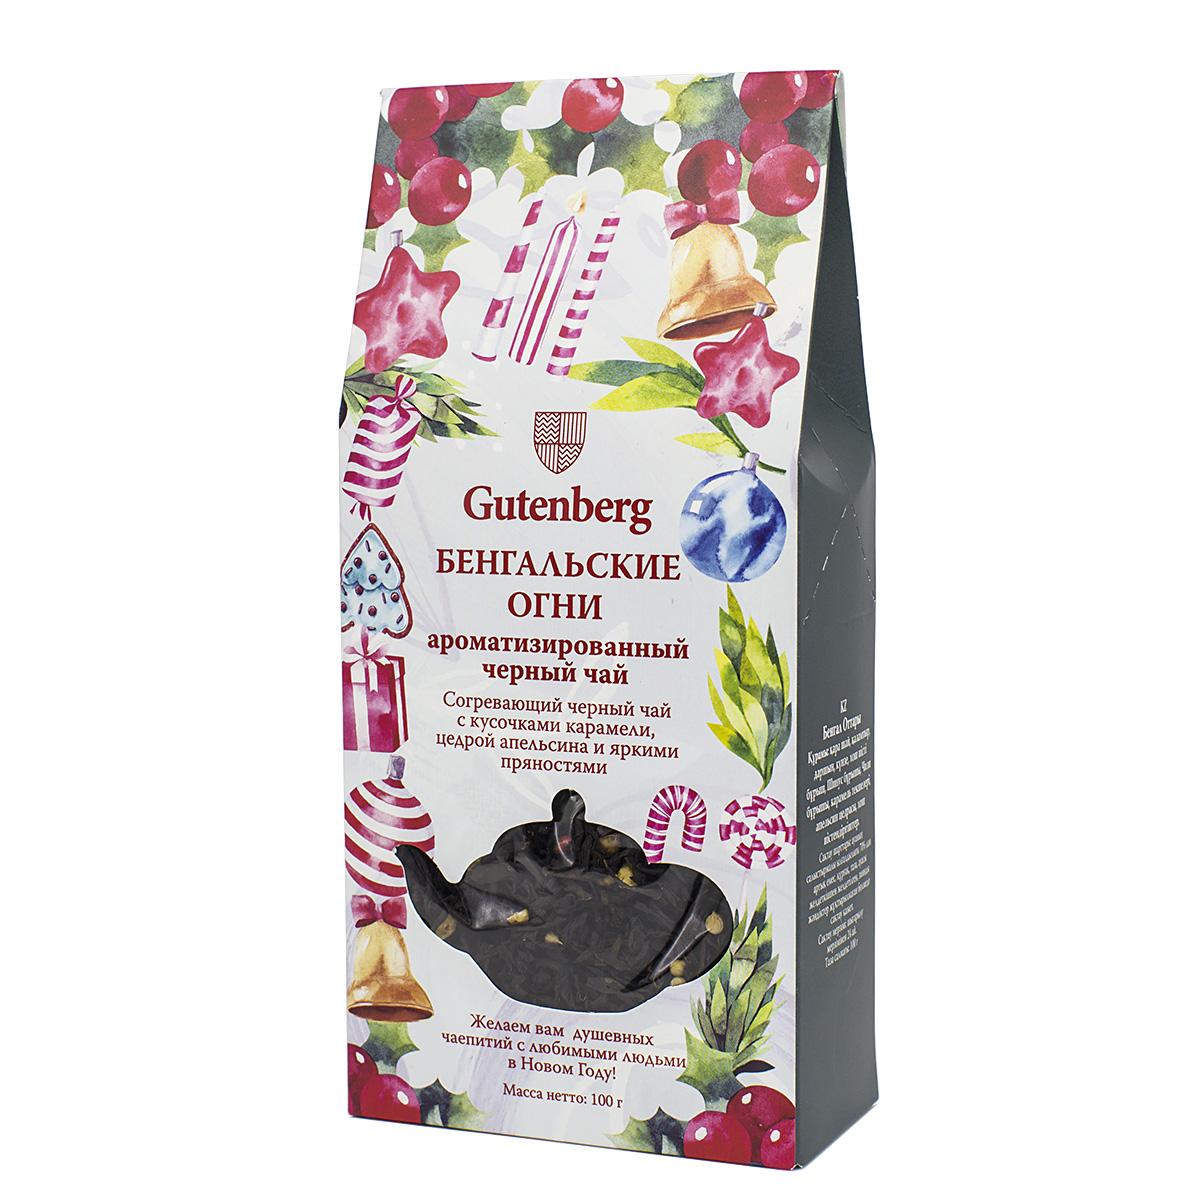 Чай черный Бенгальские огни в подарочной коробке, 100 г santa maria панировка с пряностями 652 г